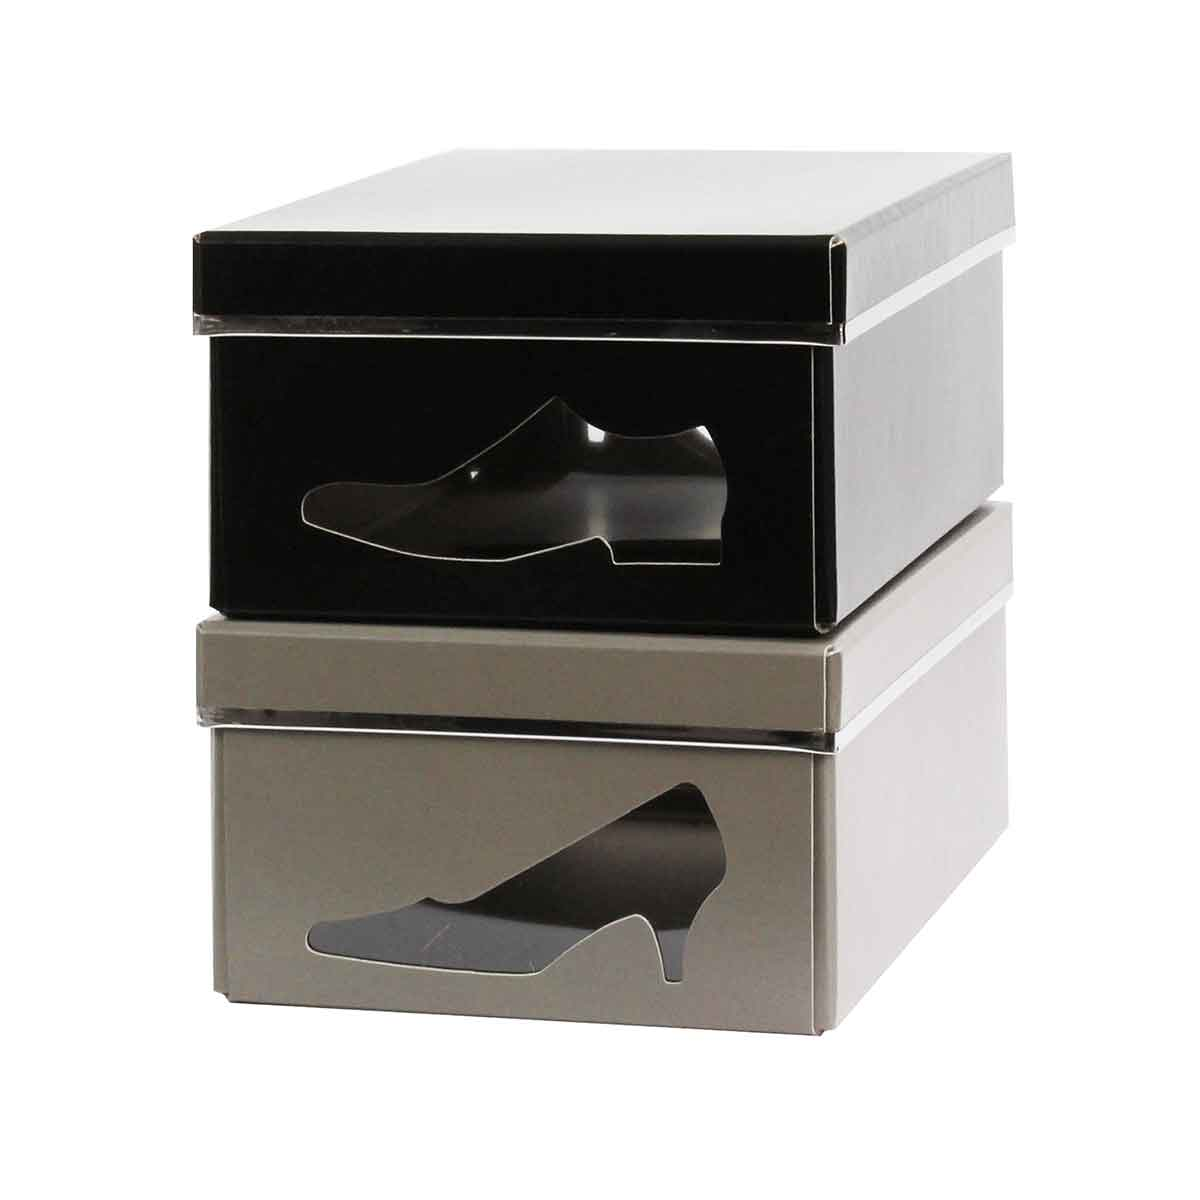 Bo te chaussures carton taupe rangement - Boite a chaussure en carton ...